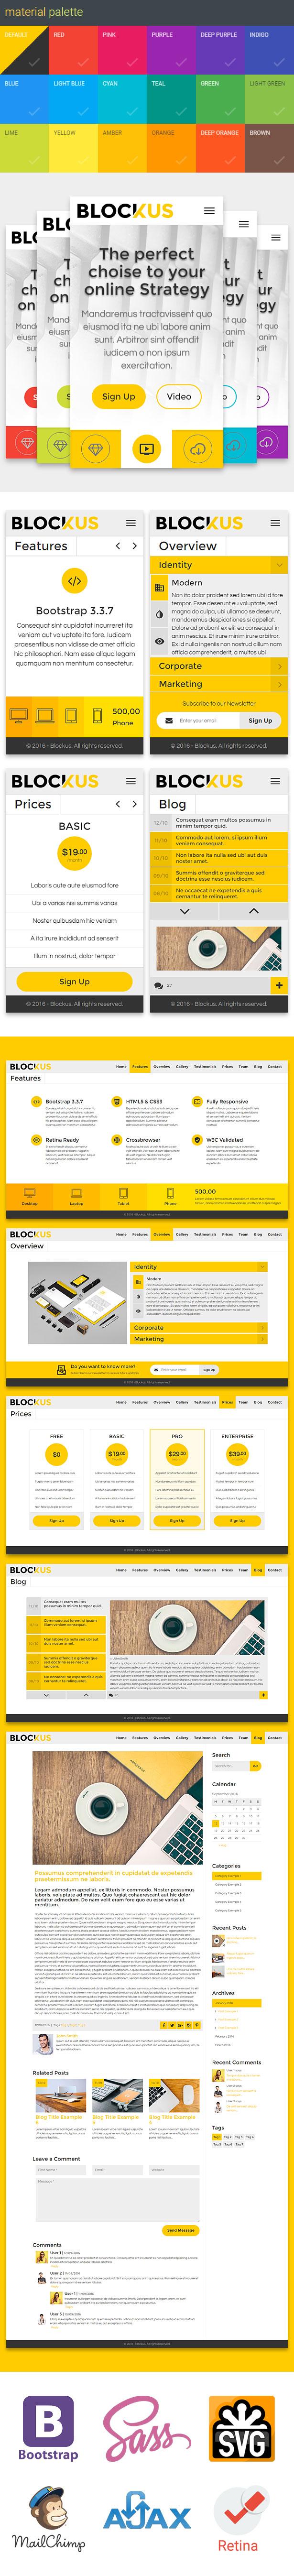 Blockus features